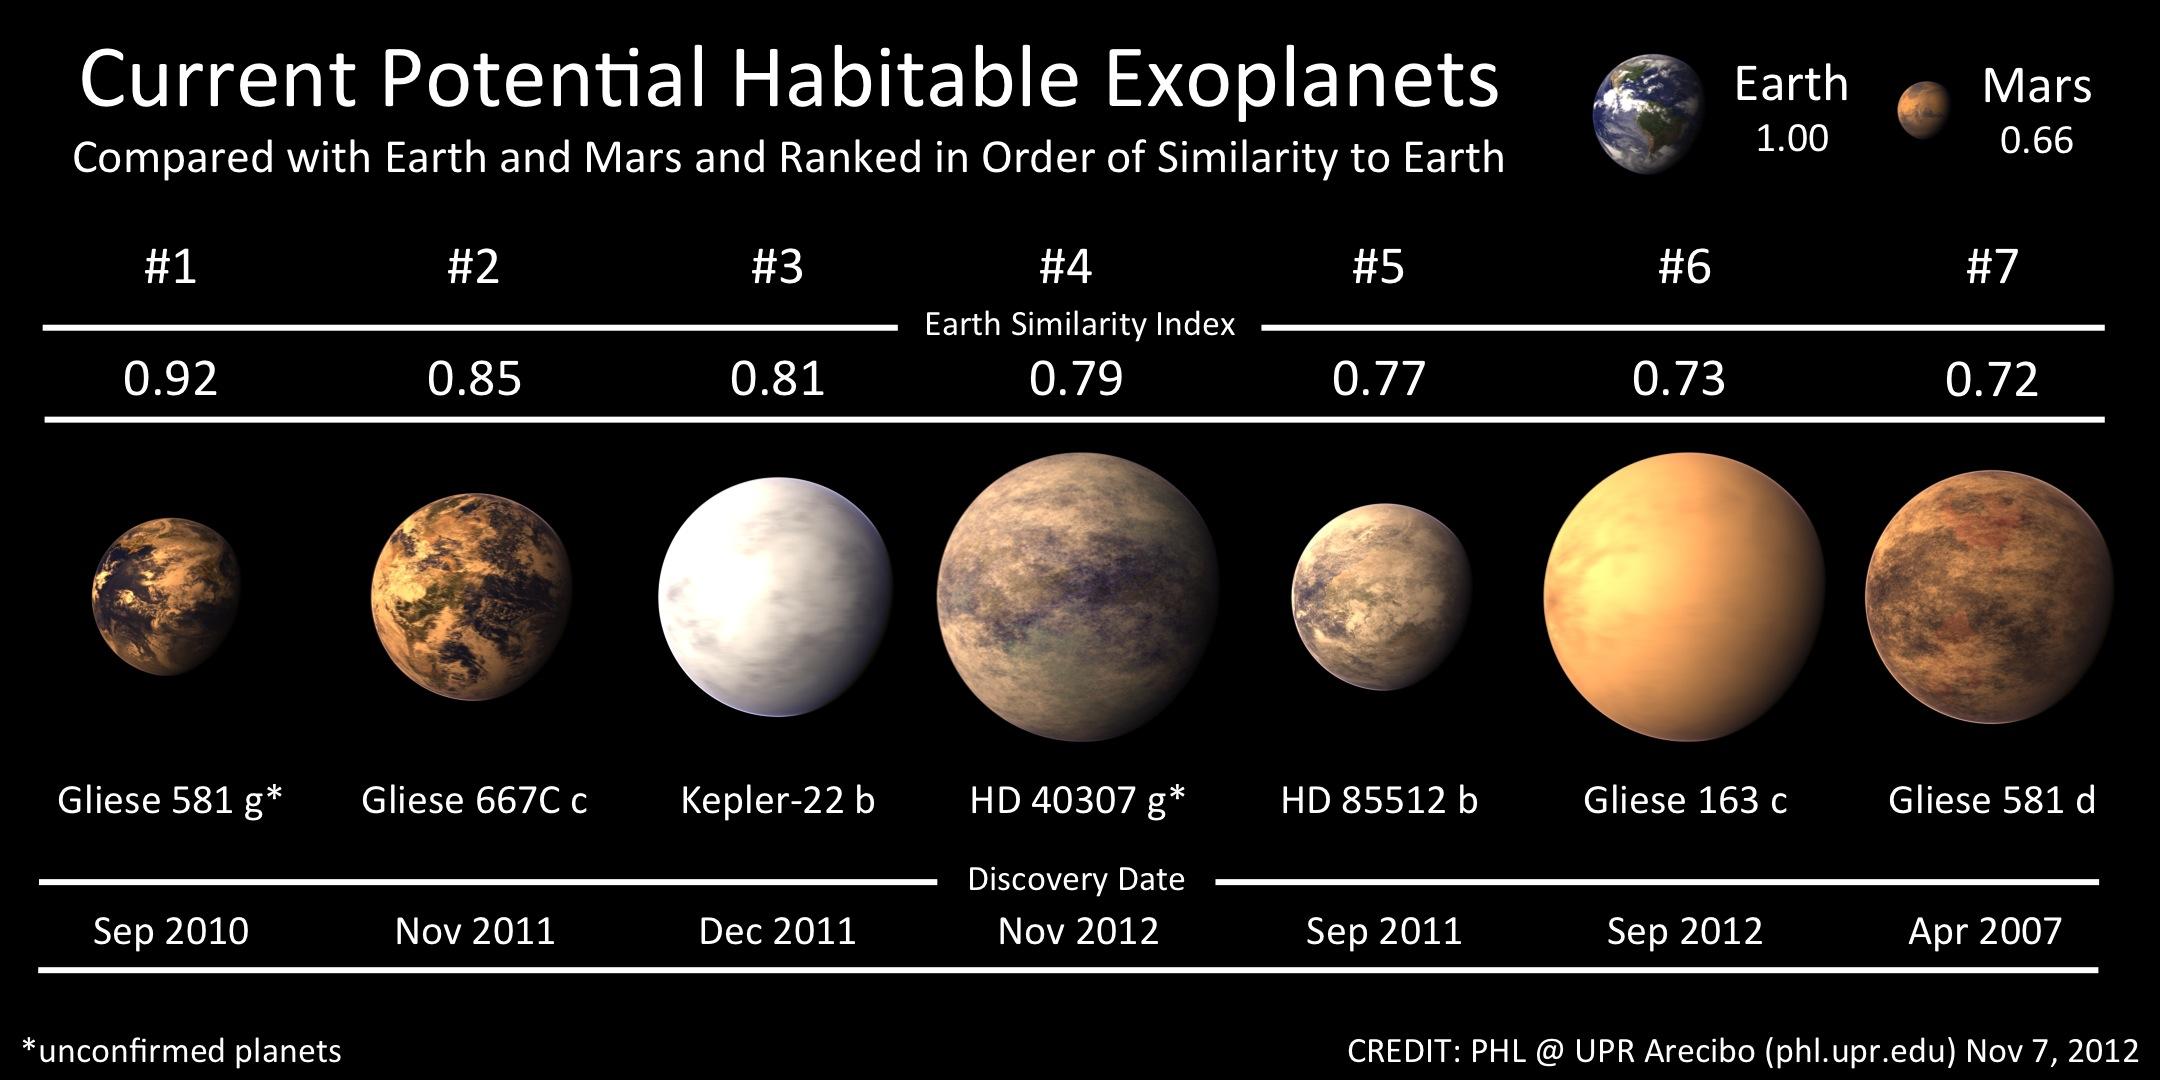 Exoplanetas_potencialmente_habitables